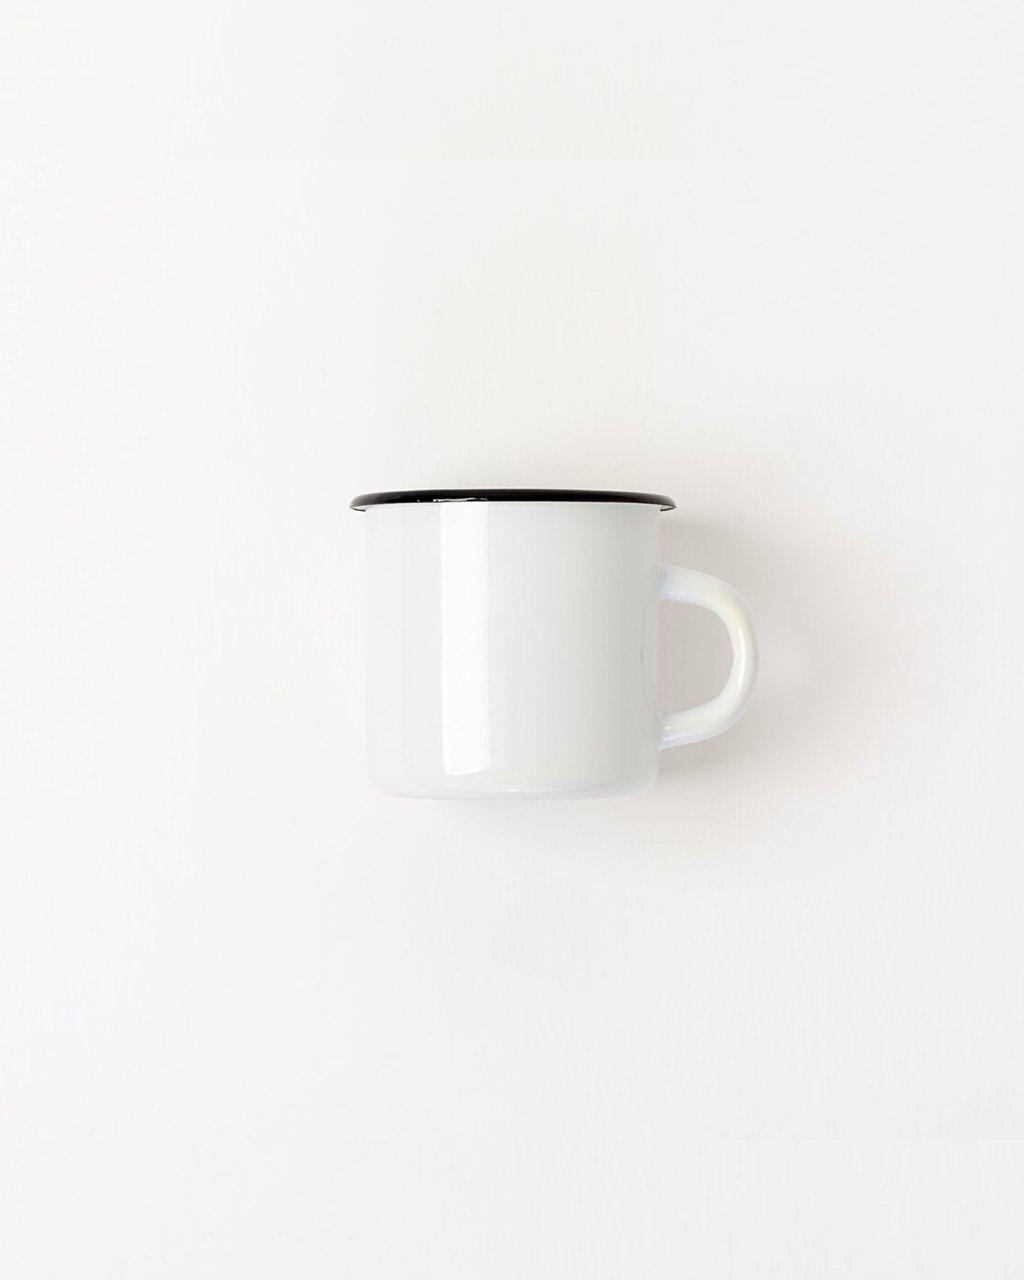 فنجان قهوه سفید ساده